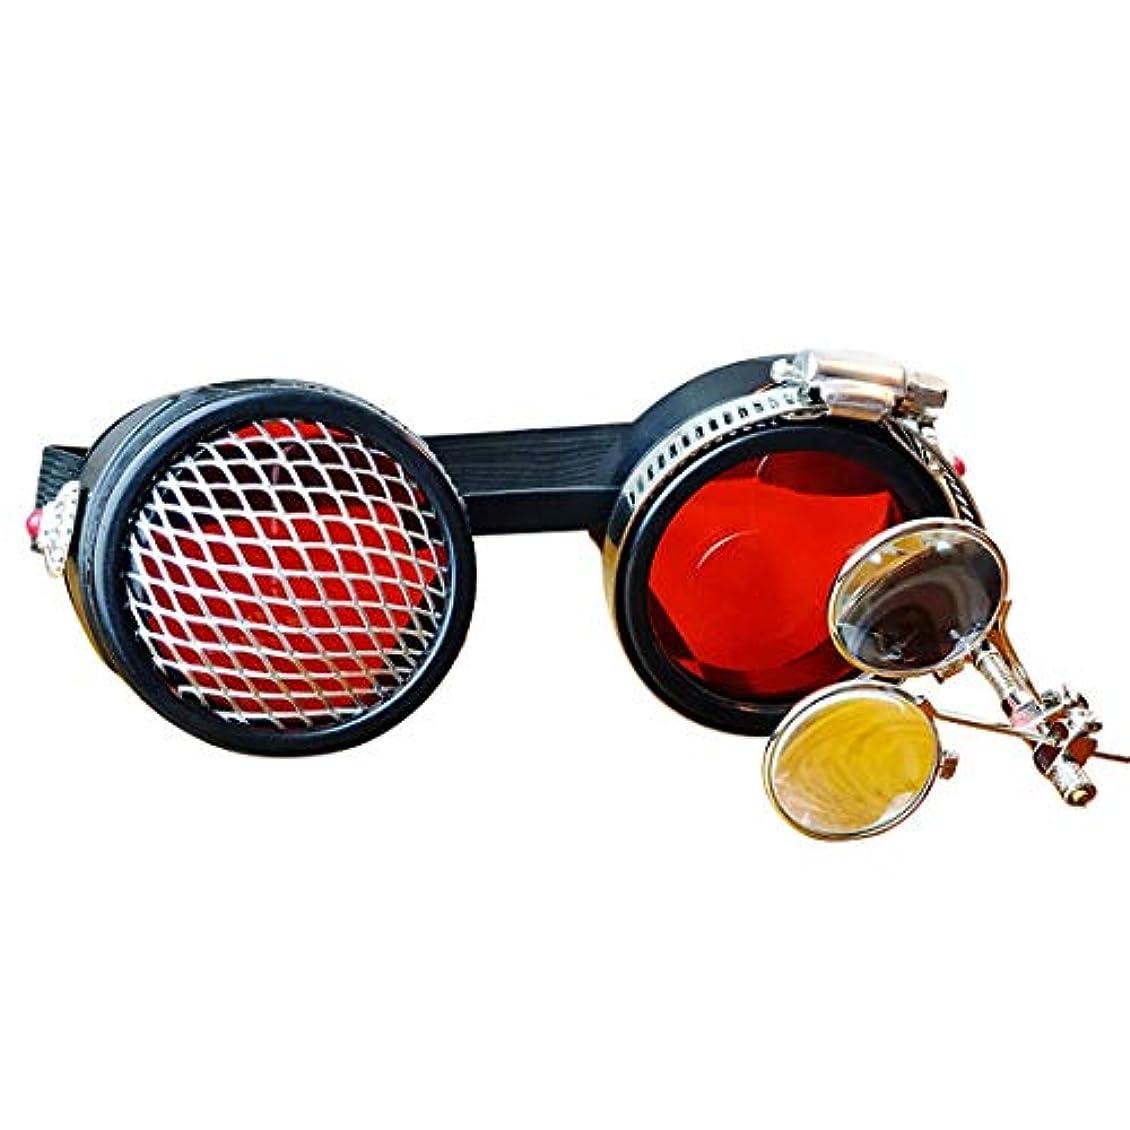 行うライラック高揚したOWNFSKNL ビンテージスチームパンク産業ゴーグルハロウィーンゴーグルカーニバルメガネ(赤) (Color : Red)